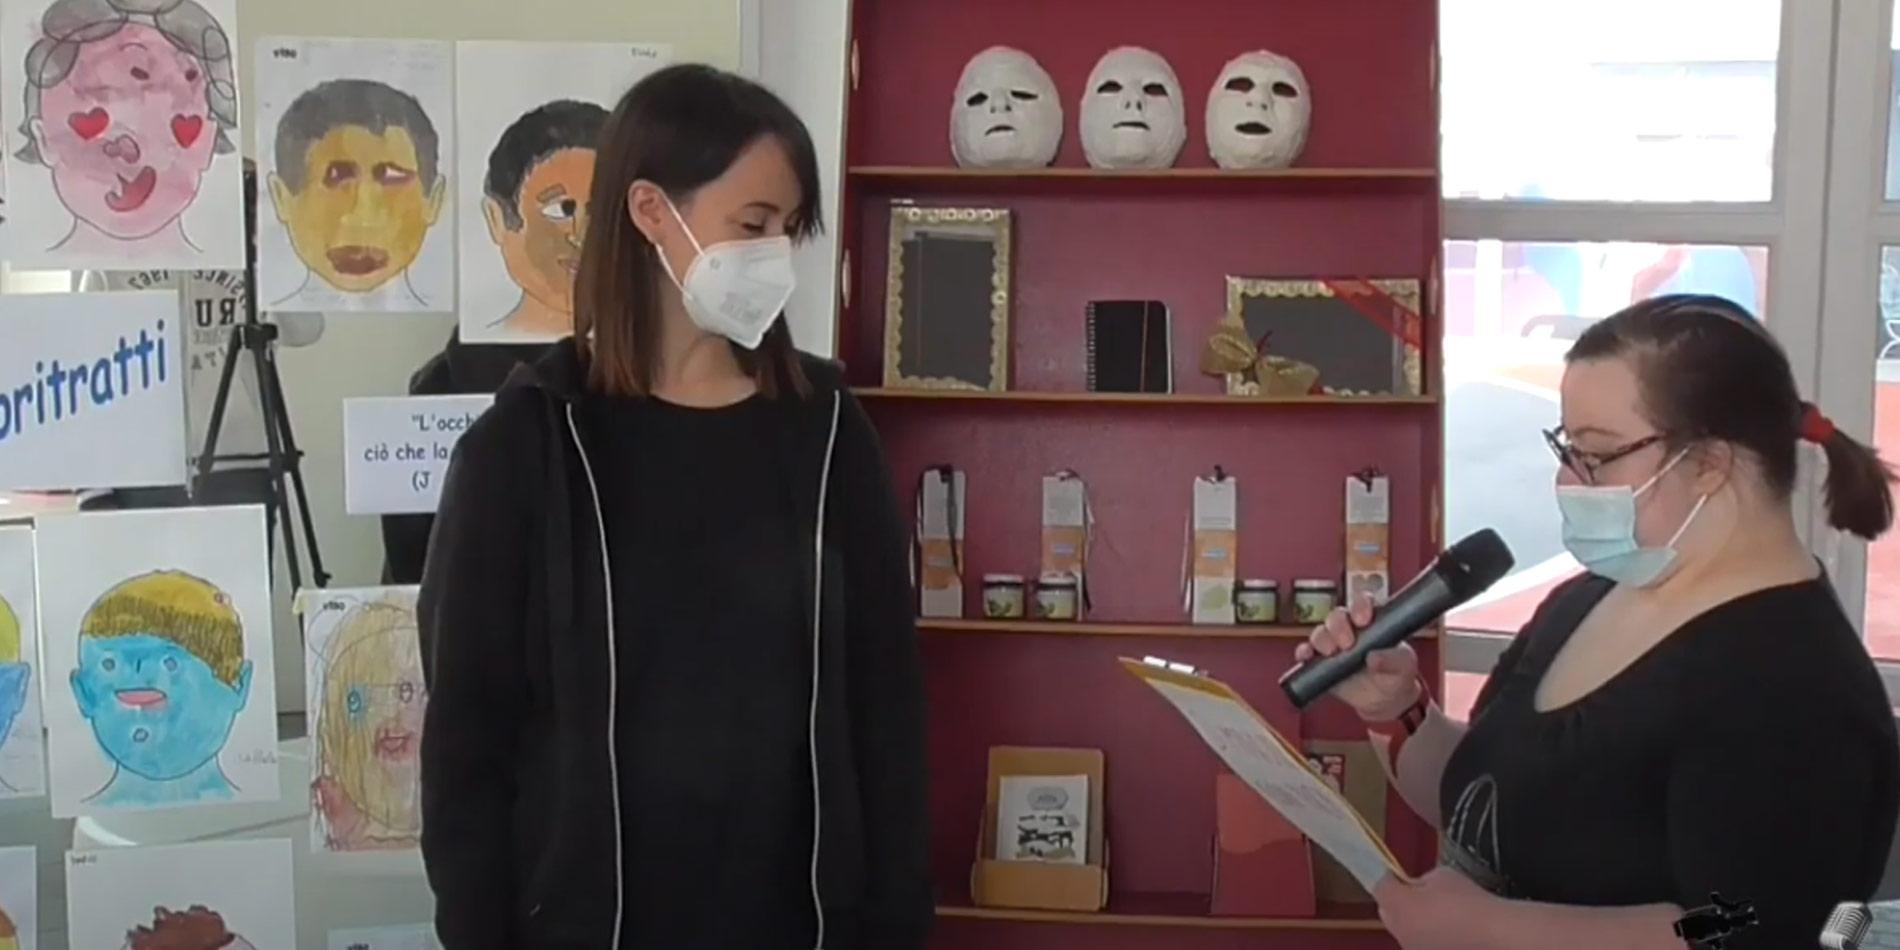 3 minuti con Noi: Il Laboratorio delle Maschere